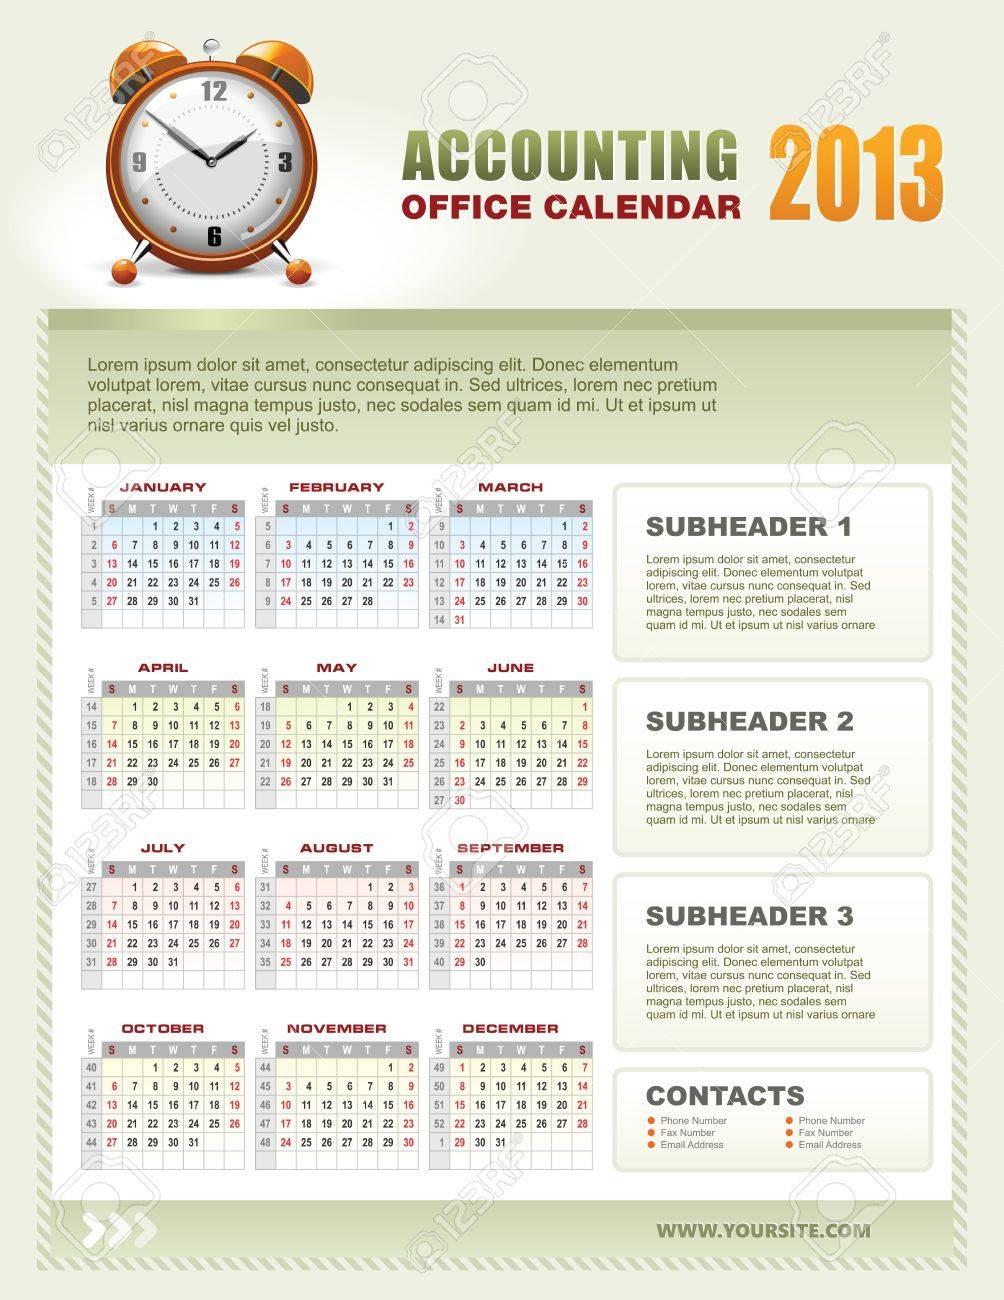 Calendario Con Numero Settimane.2013 Ufficio Contabilita Aziendale Modello Di Griglia Calendario Con I Numeri Delle Settimane